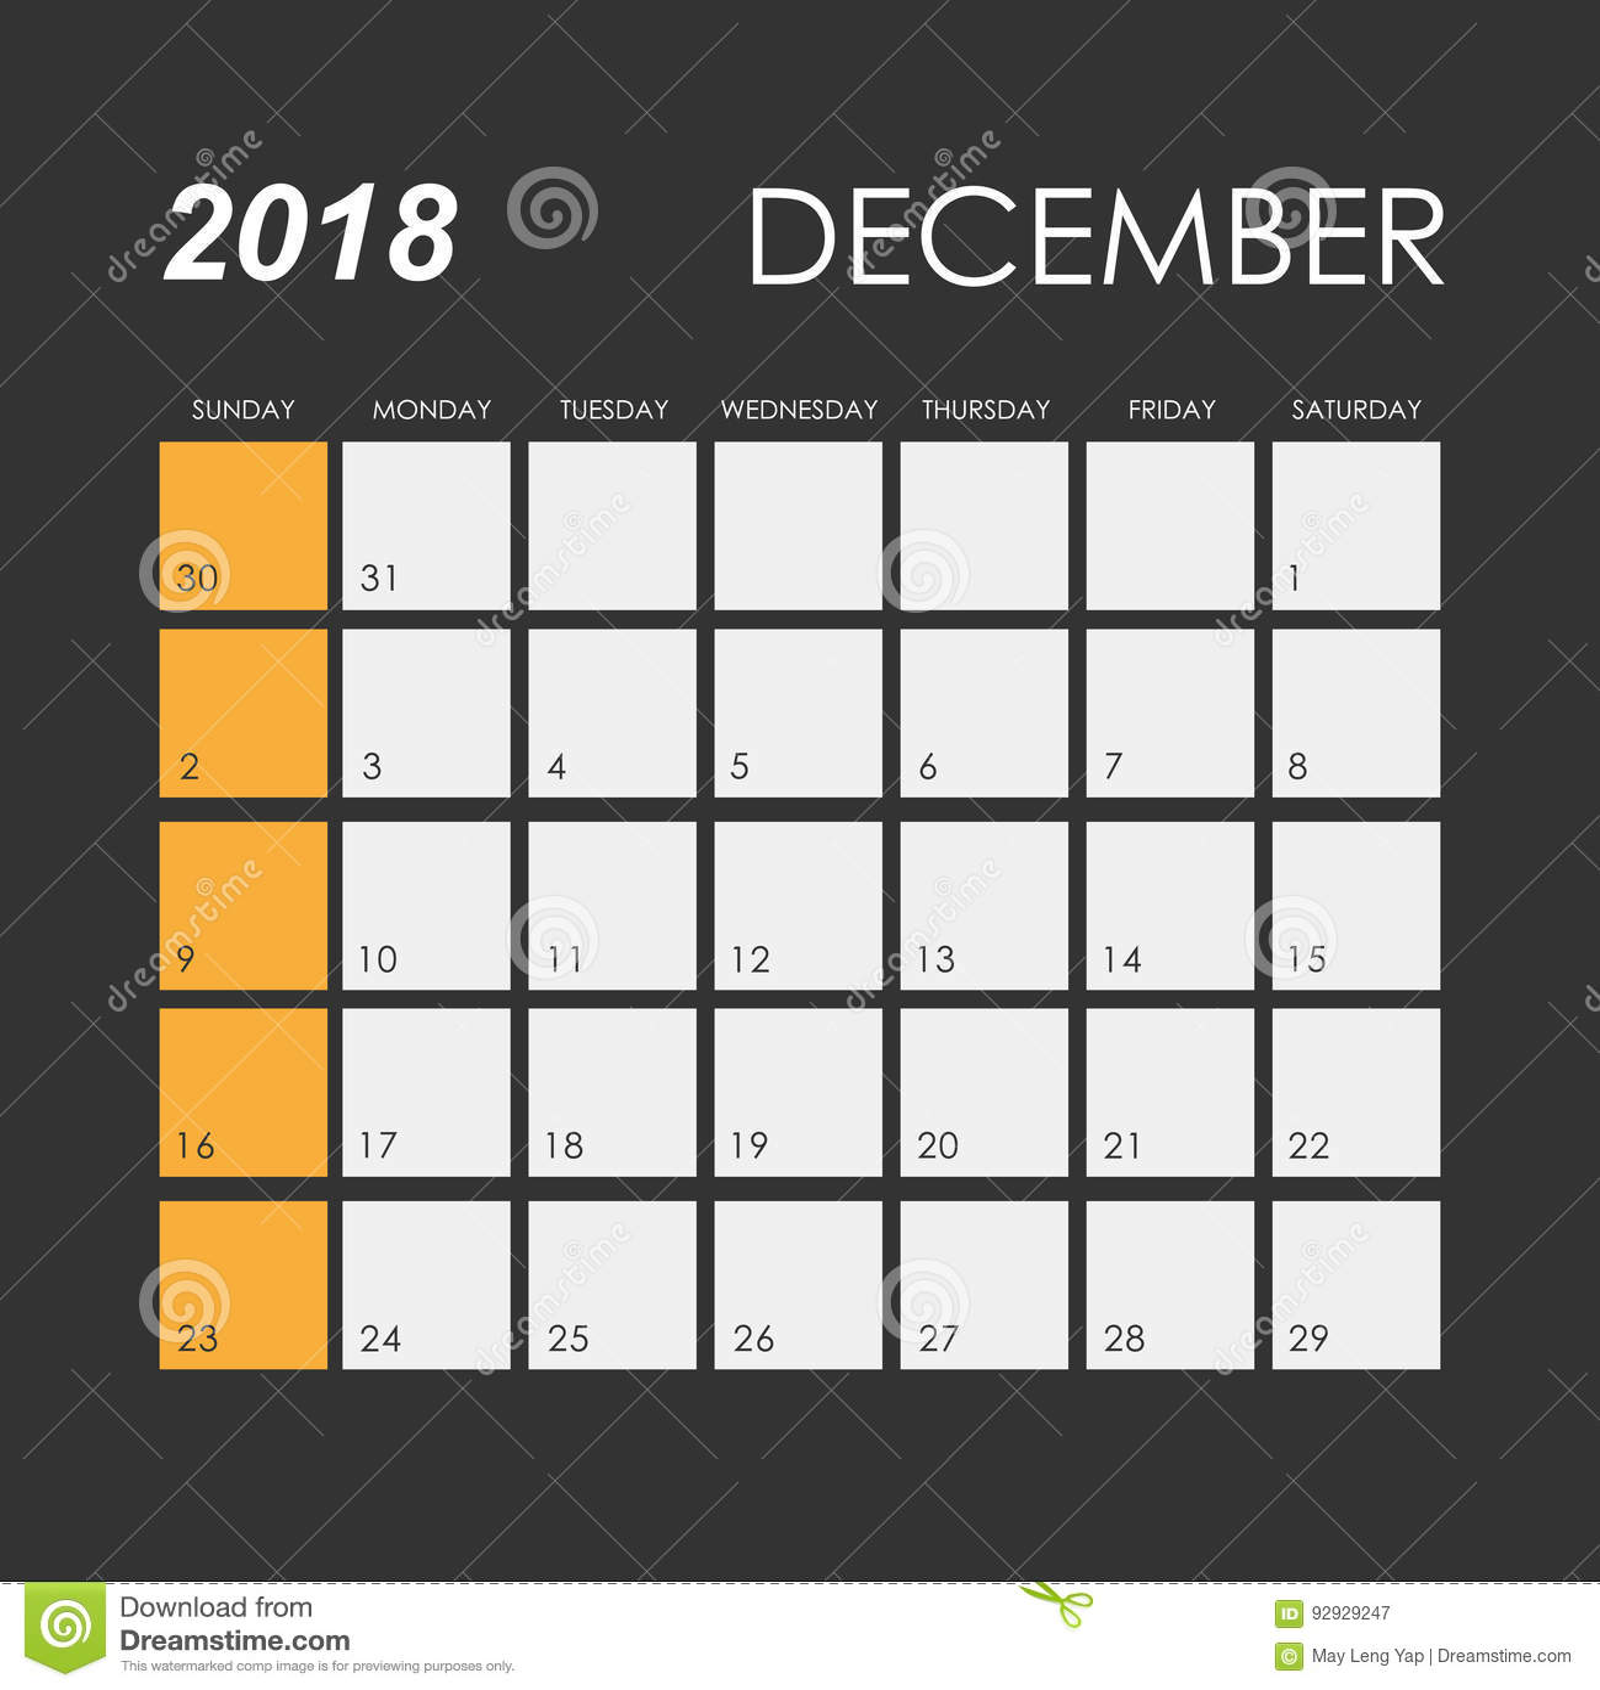 Calendar for December 2018